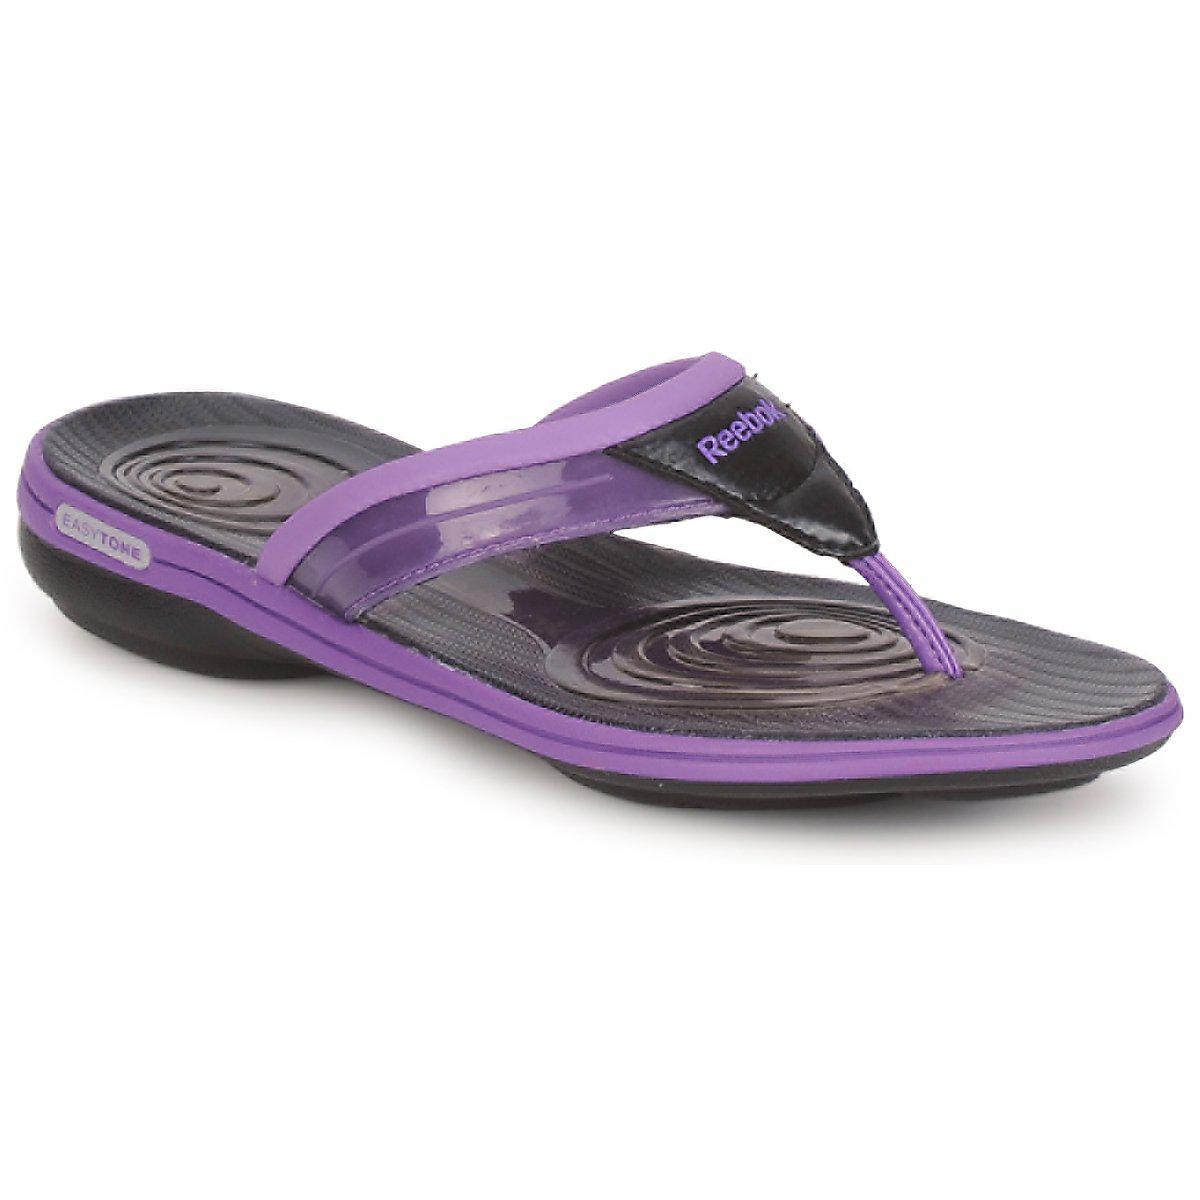 3b5a9e822f58c1 Reebok - Easytone Plus Flip Women s Flip Flops   Sandals (shoes) In Purple  -. View fullscreen